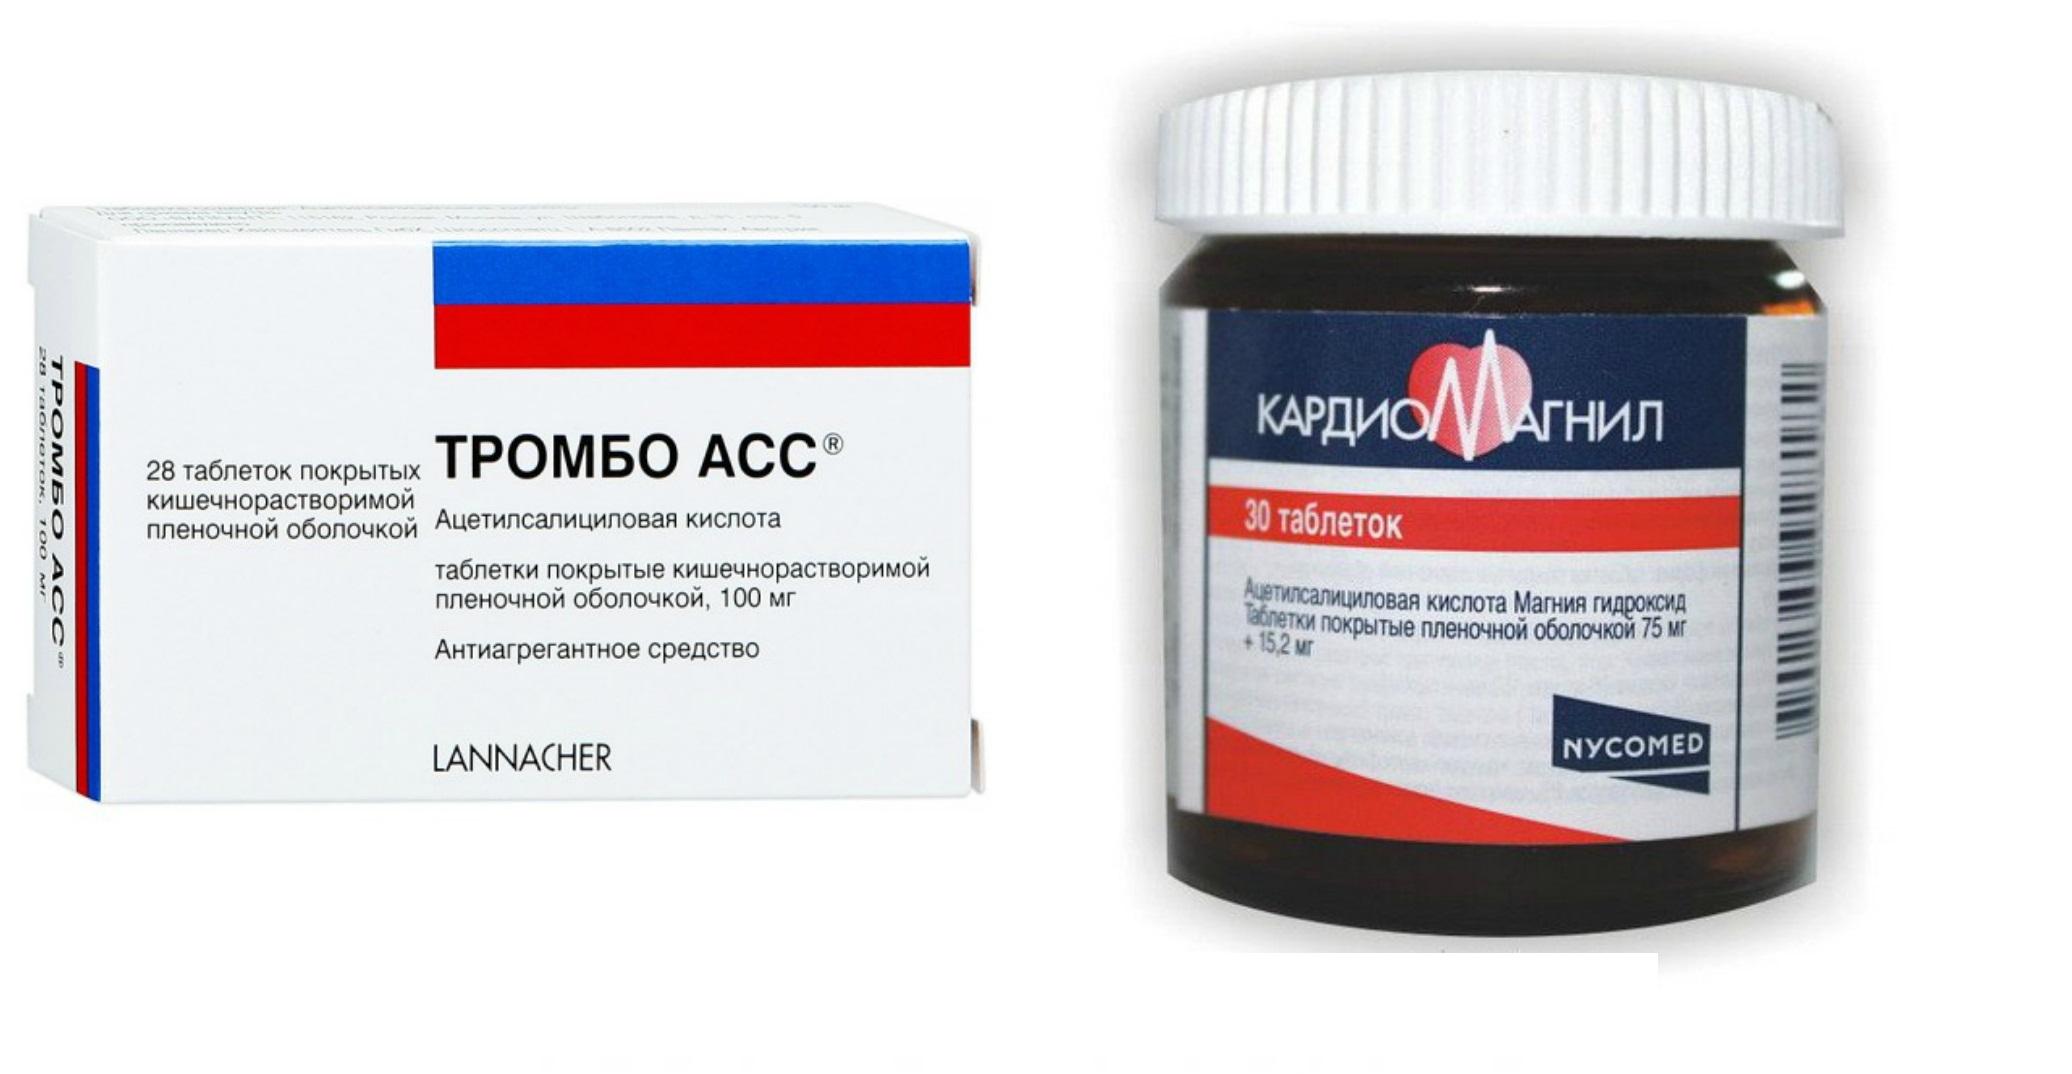 Тромбо АСС и Кардиомагнил